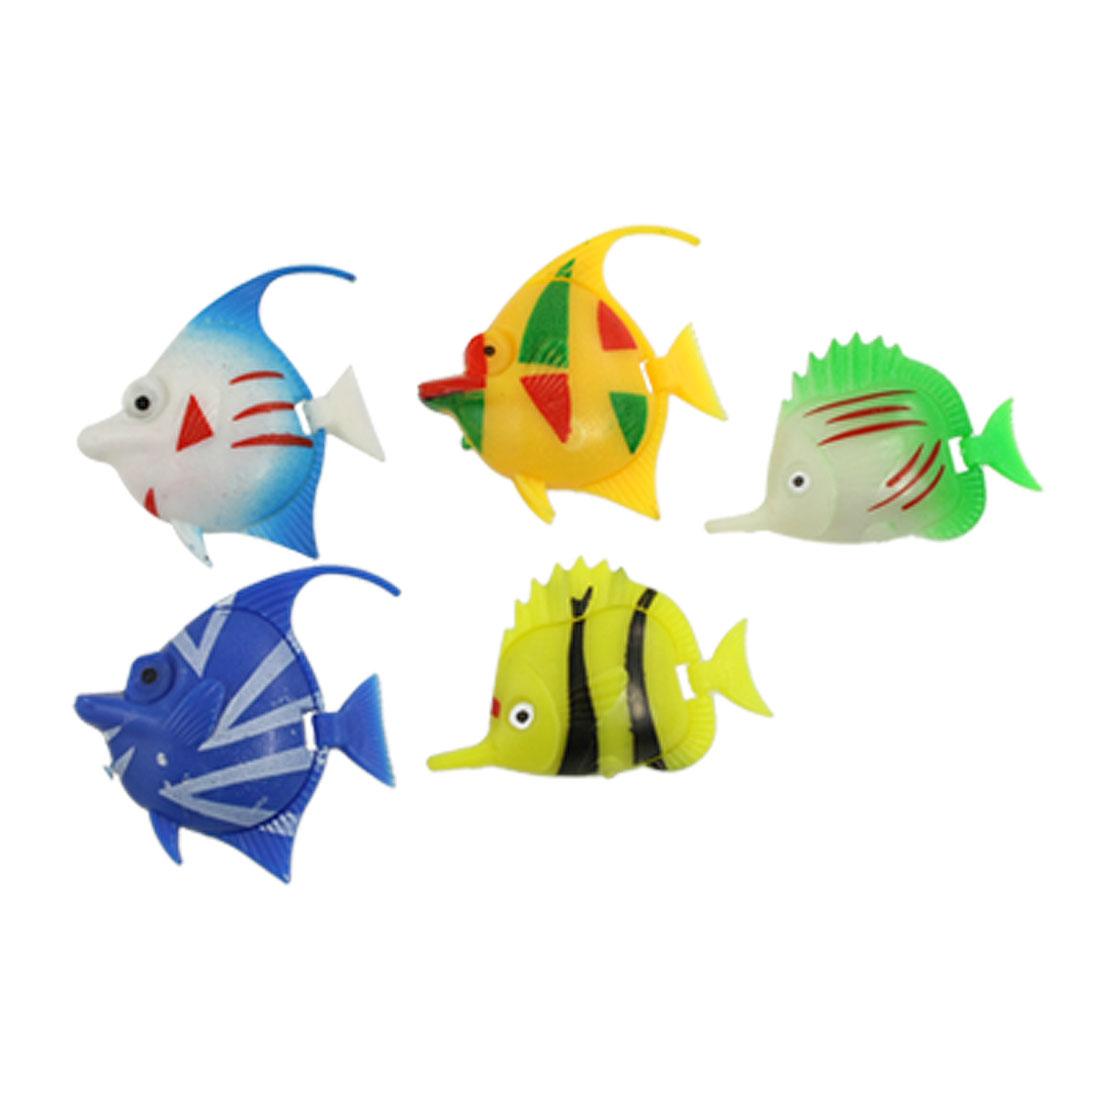 5 Pcs Artificial Plastic Colorful Decor Fish for Aqaurium